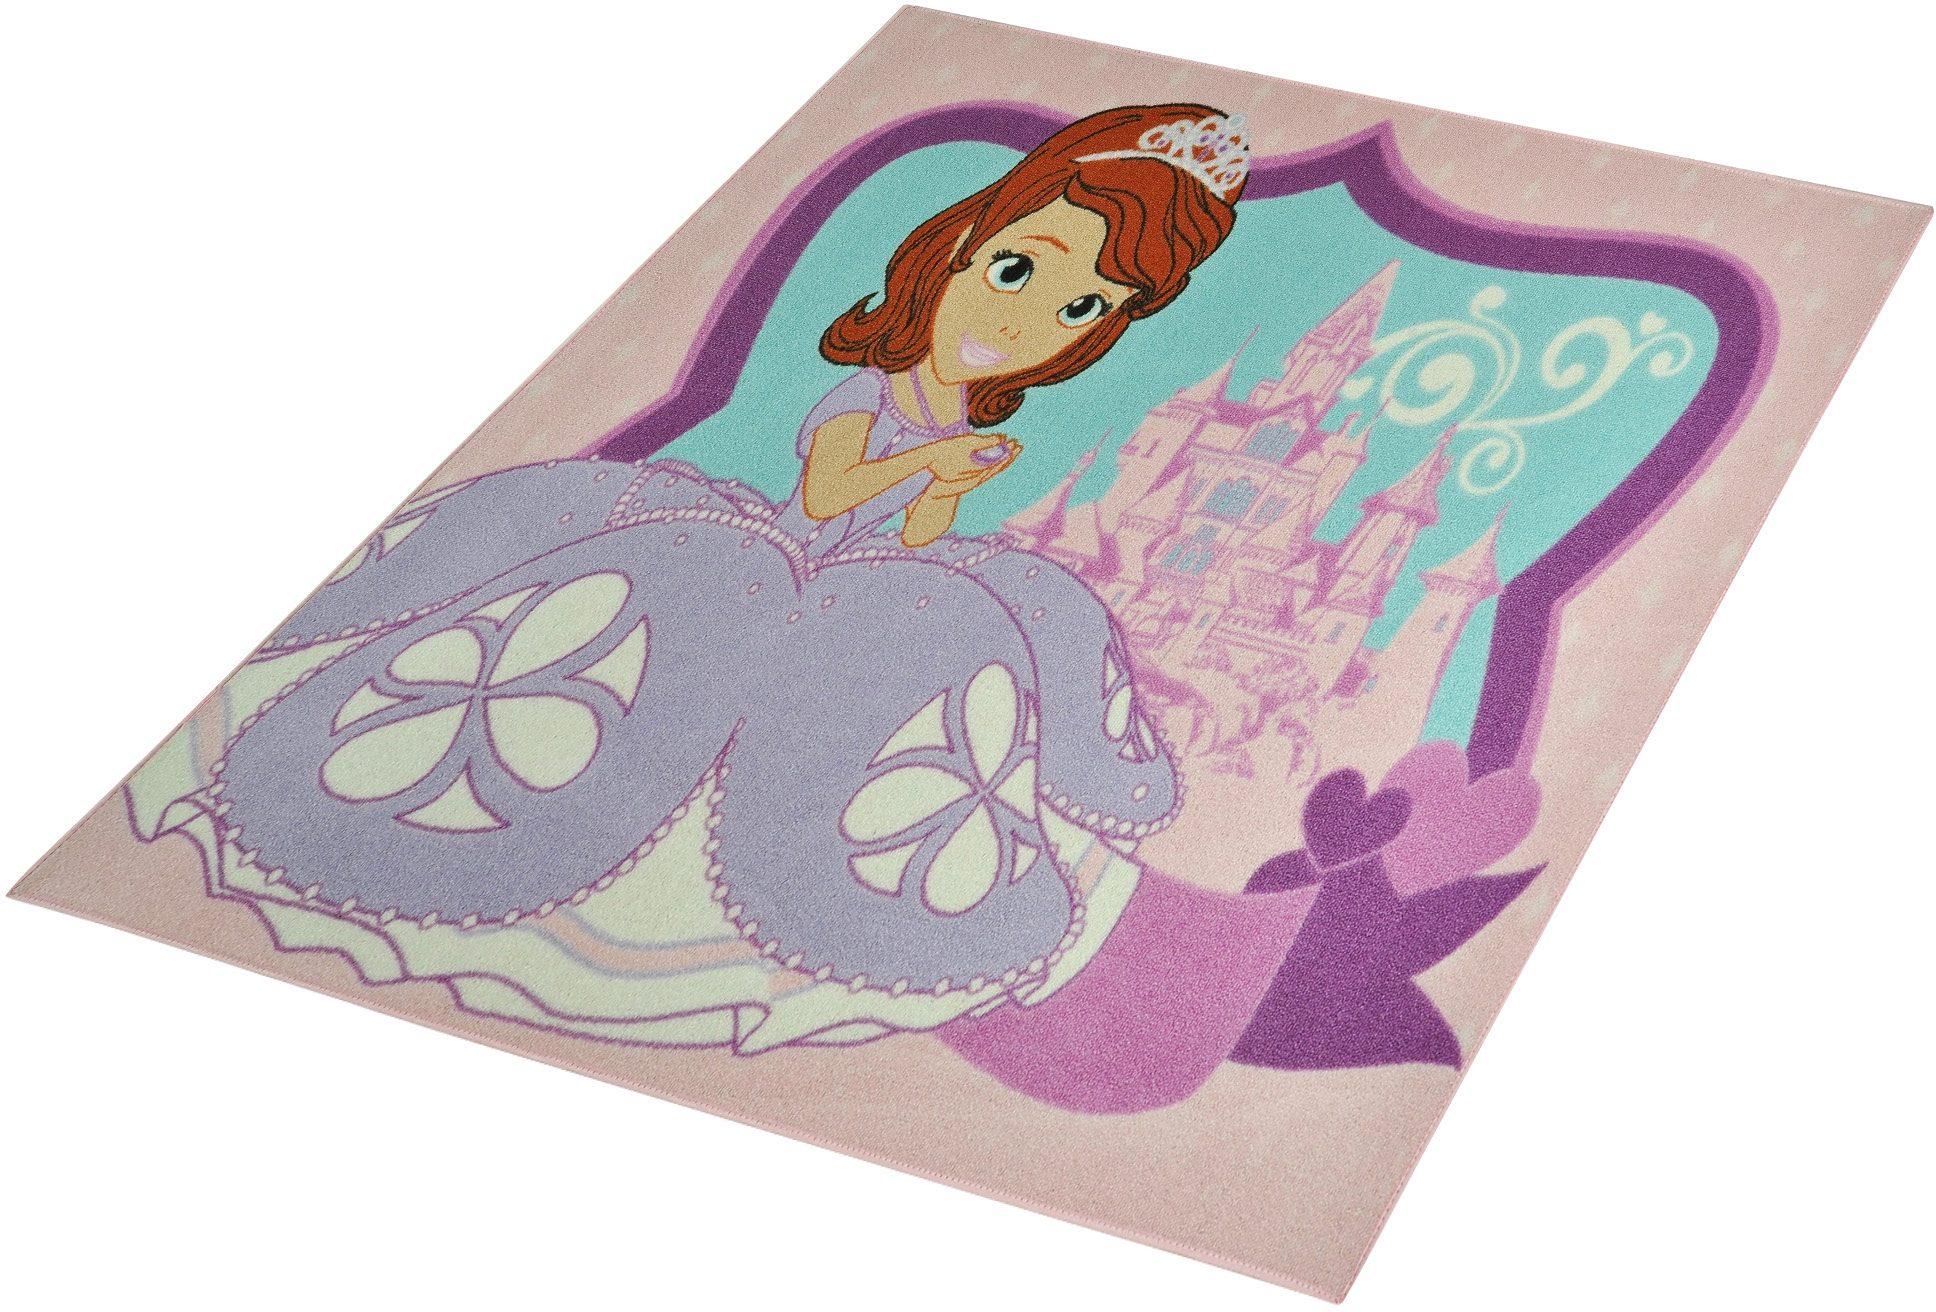 Kinderteppich »Sofia die Erste - Märchenschloss«, Disney, rechteckig, Höhe 7 mm